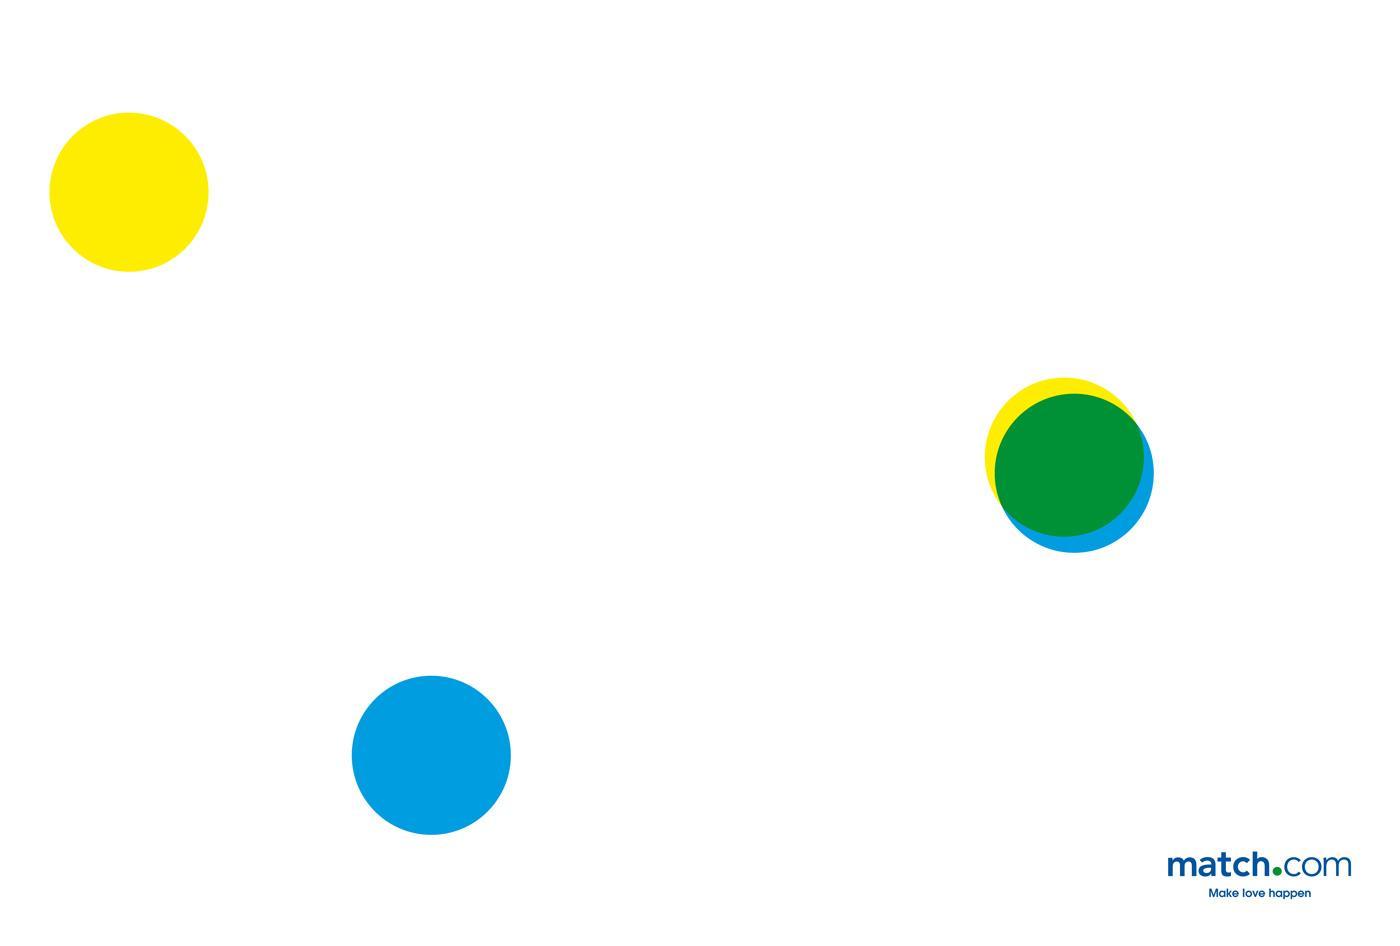 Match.com Print Ad -  Dots